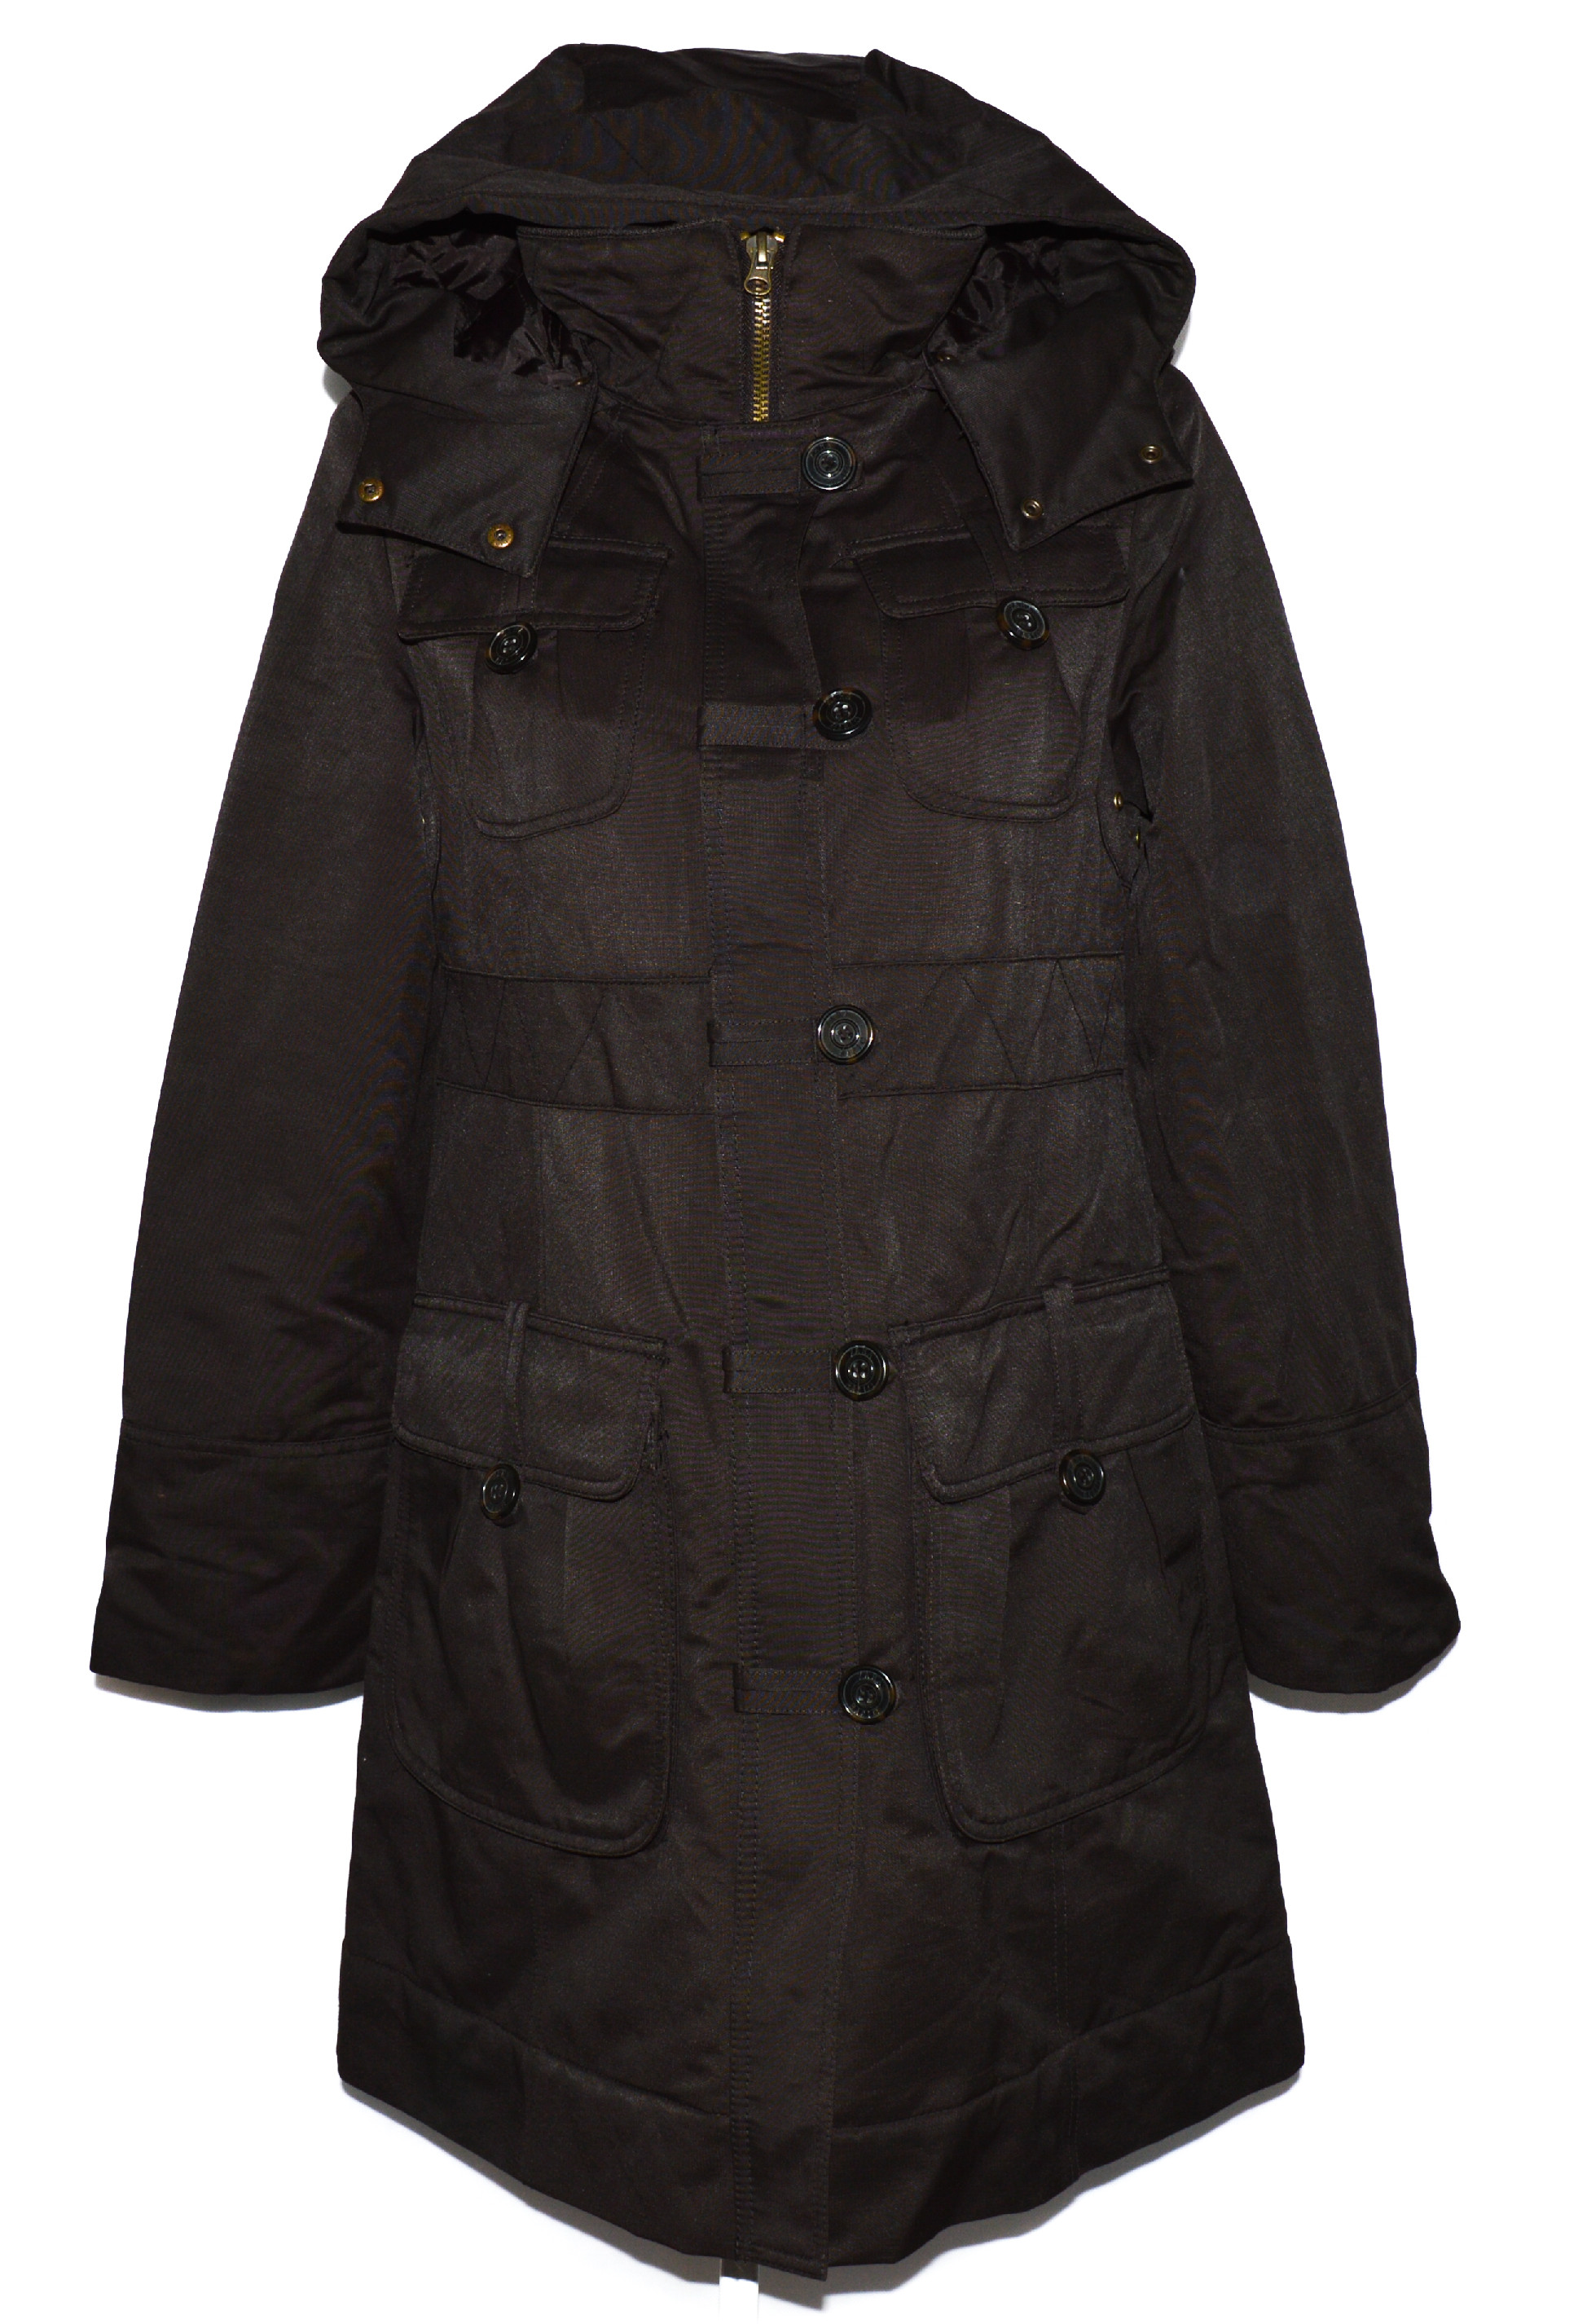 Dámský hnědý zateplený kabát s kapucí ZARA L